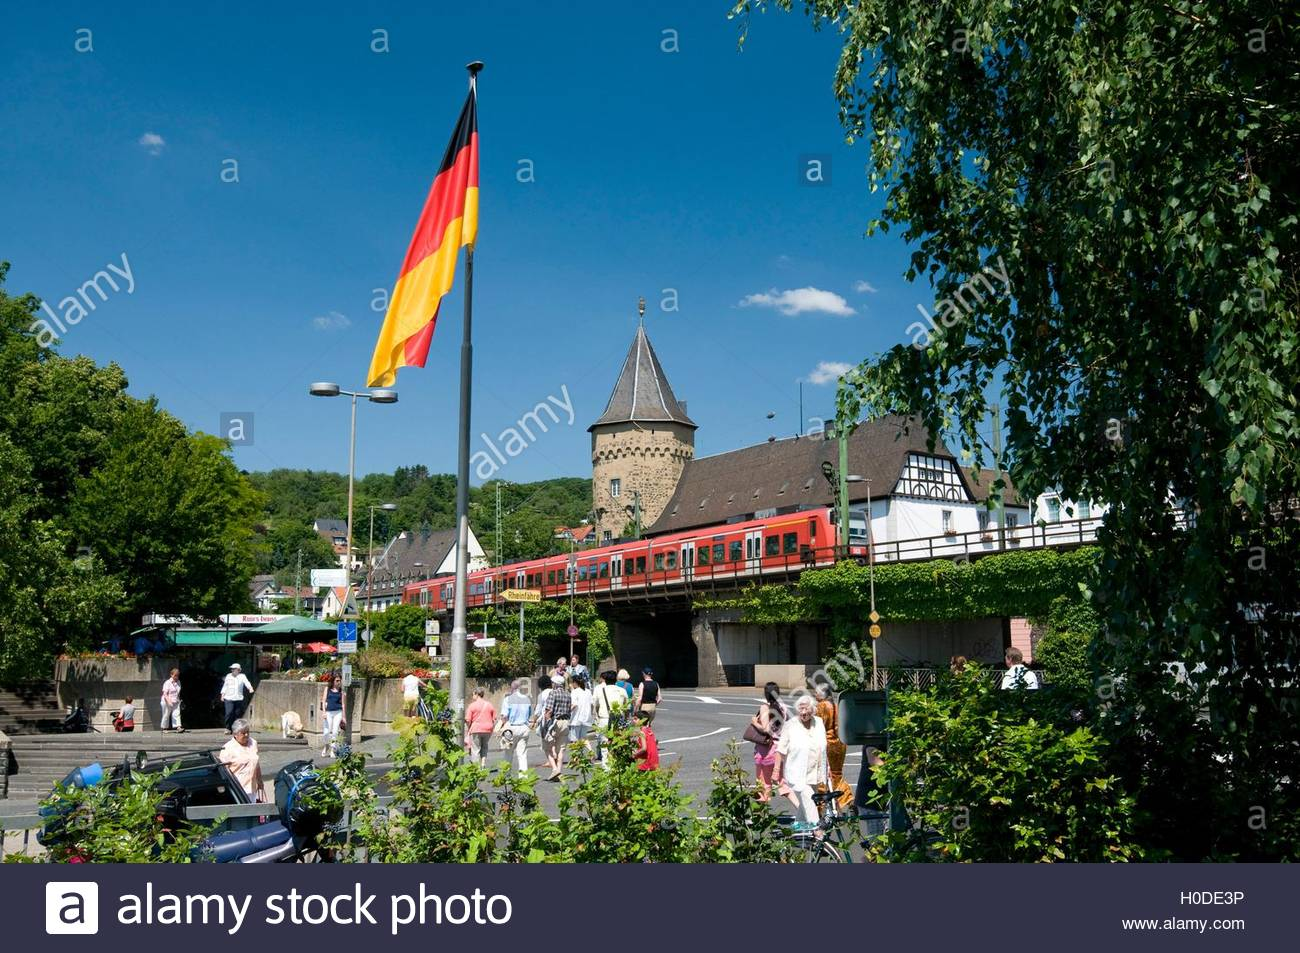 BLWX090419 [(C) Blickwinkel/McPHOTOx/Rainer Waldkirch Tel. + 49 (0) 2302-2793220, E-mail: info@blickwinkel.de, Internet: Stockbild